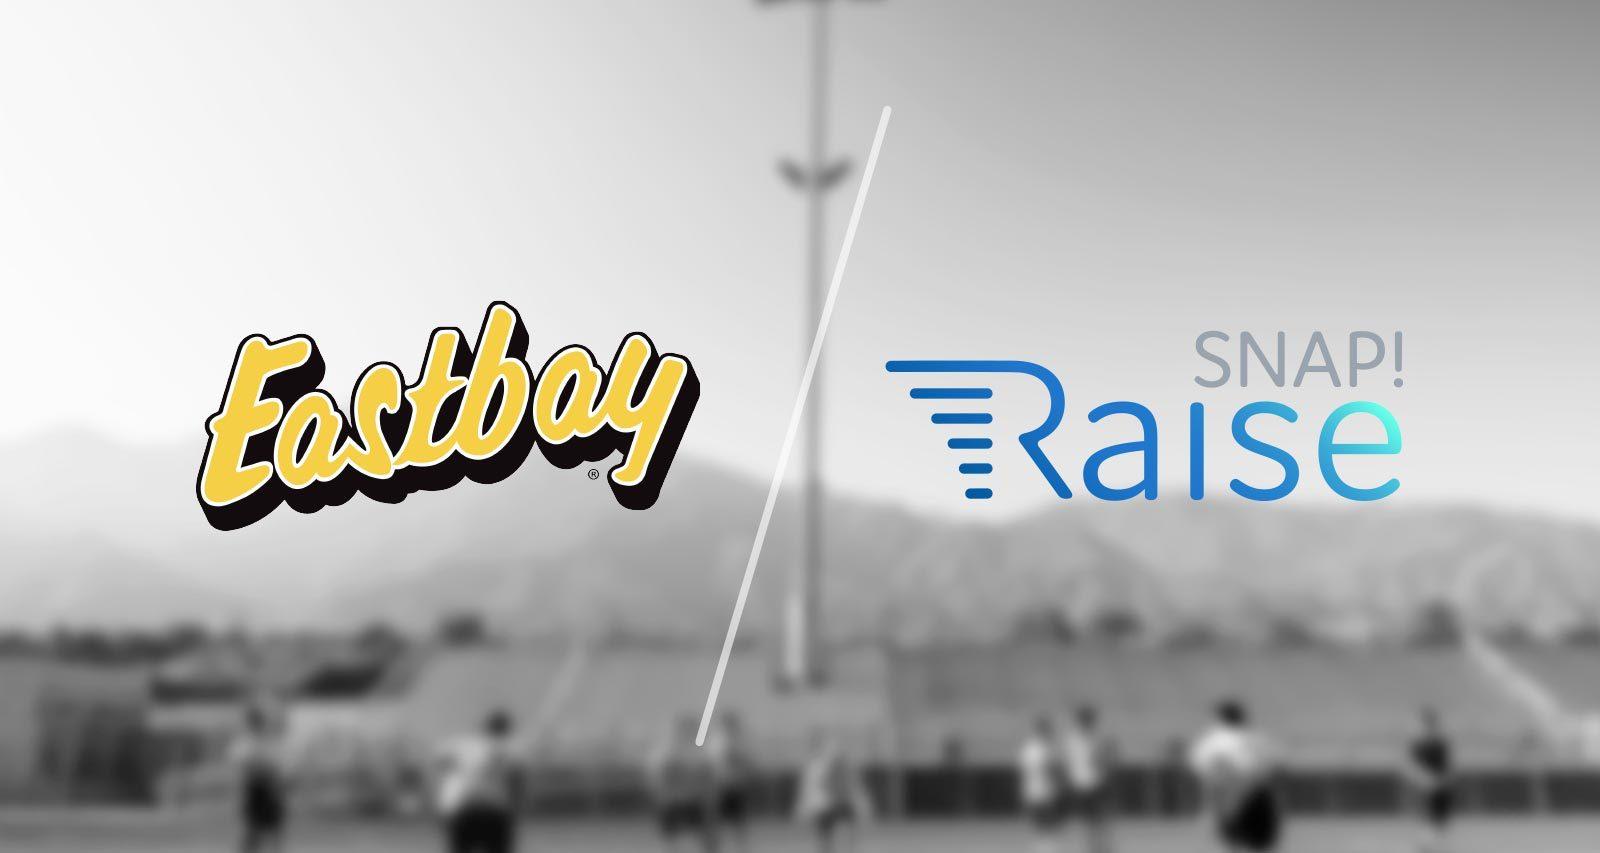 b186a30745e4c0 Eastbay and Snap! Raise announce partnership • Snap! Raise